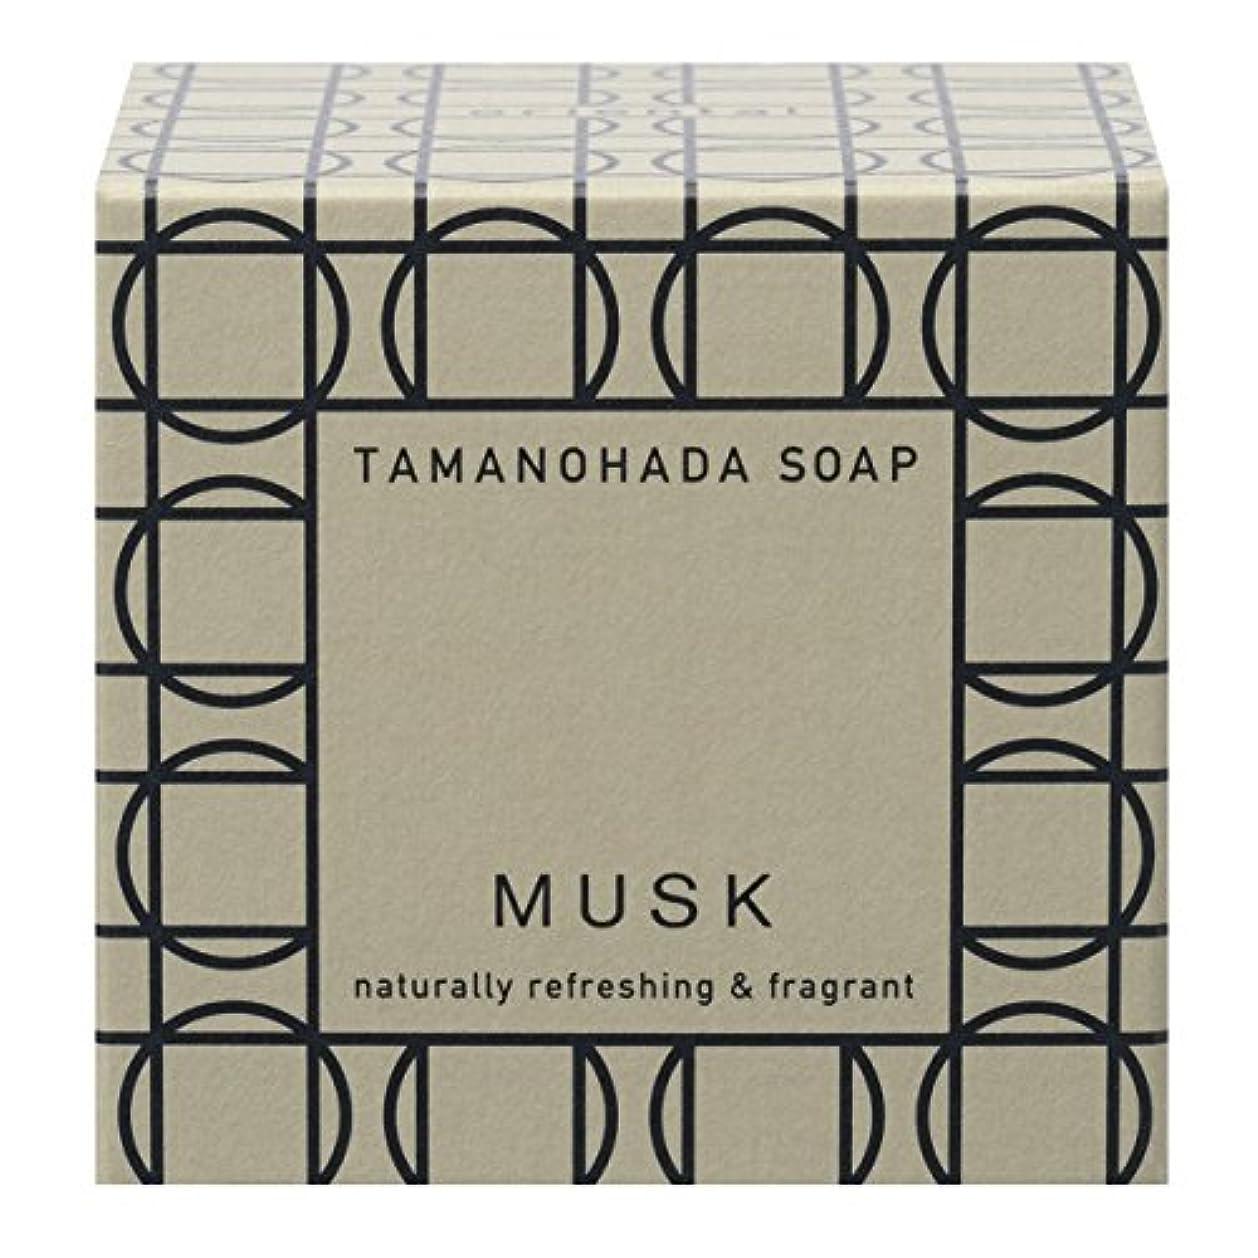 ダイヤモンド組み合わせる拡声器タマノハダ ソープ 002 ムスク 125g